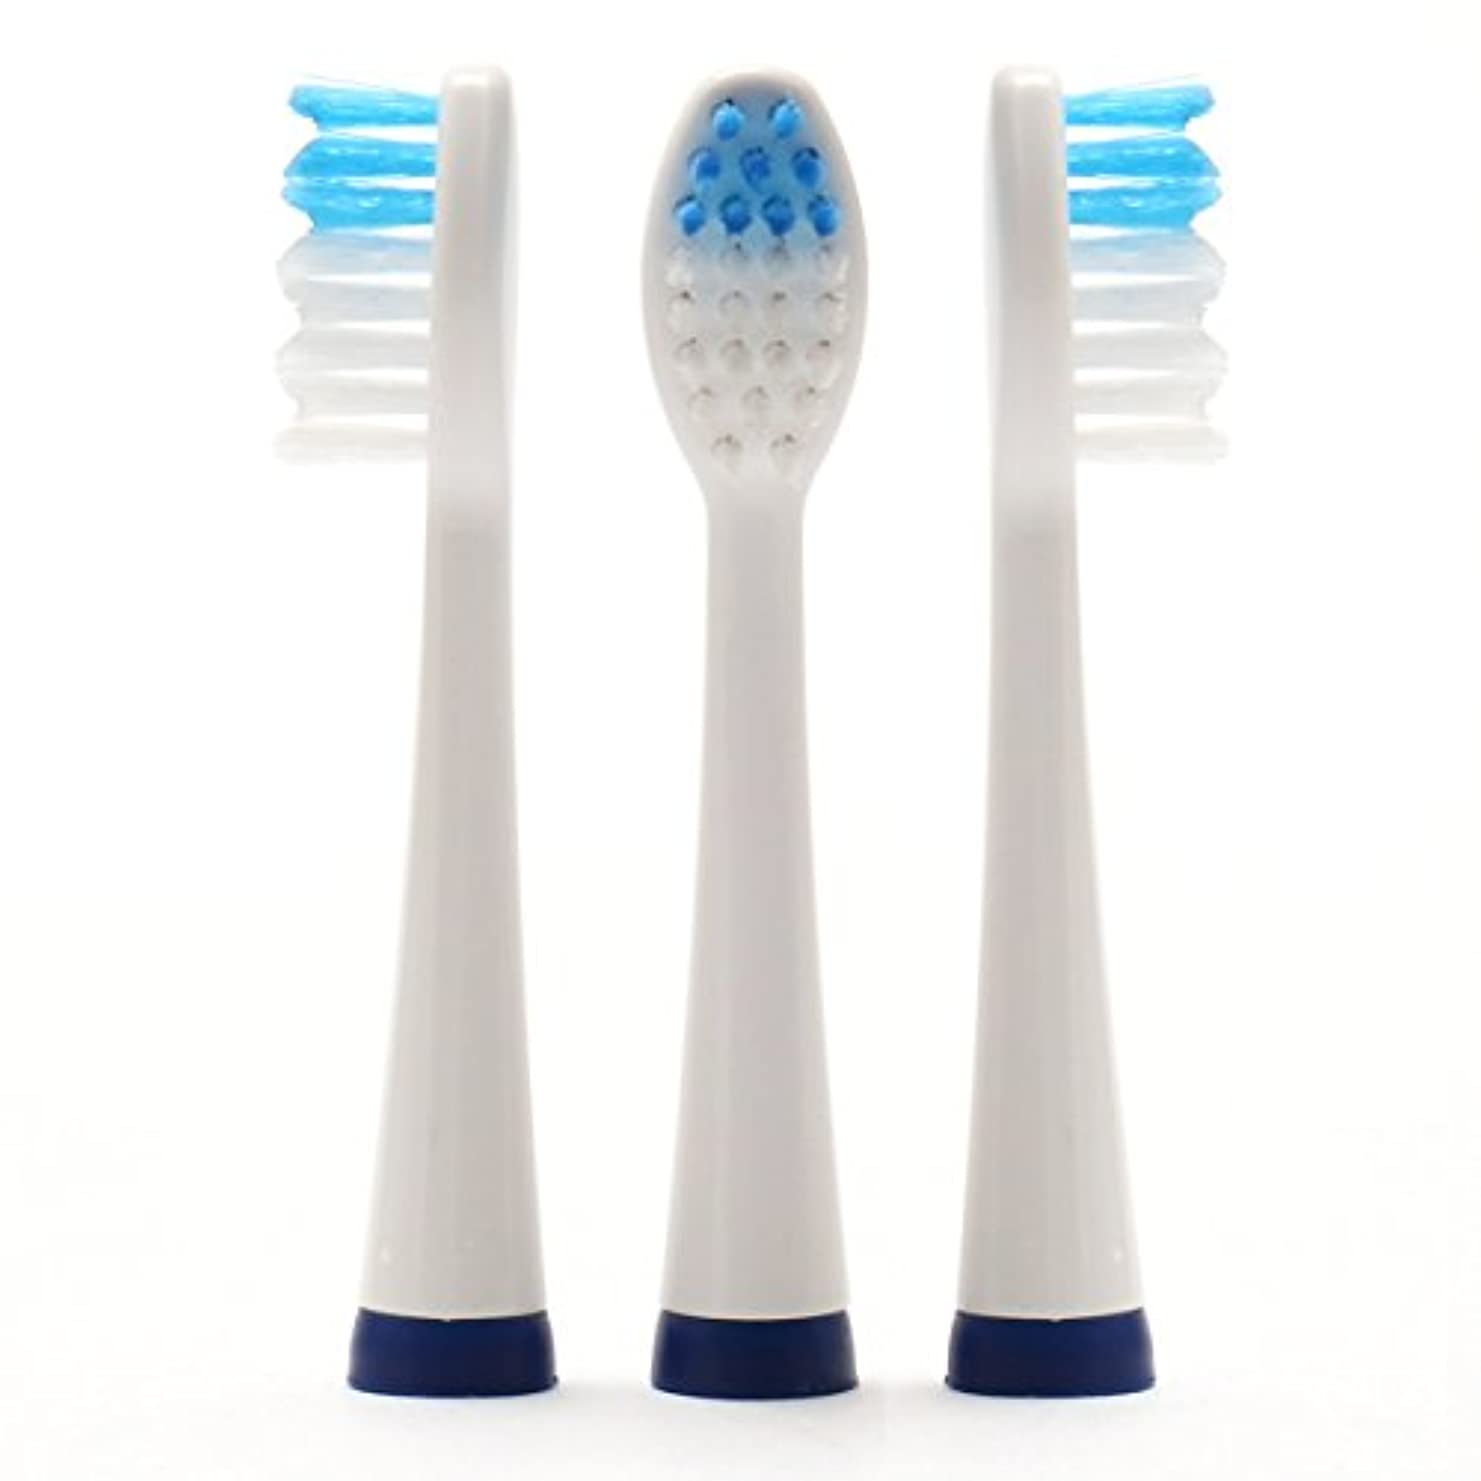 書き出すくるみ看板ソニックマジックミニ 専用替えブラシ3本セット 携帯用音波式電動歯ブラシ